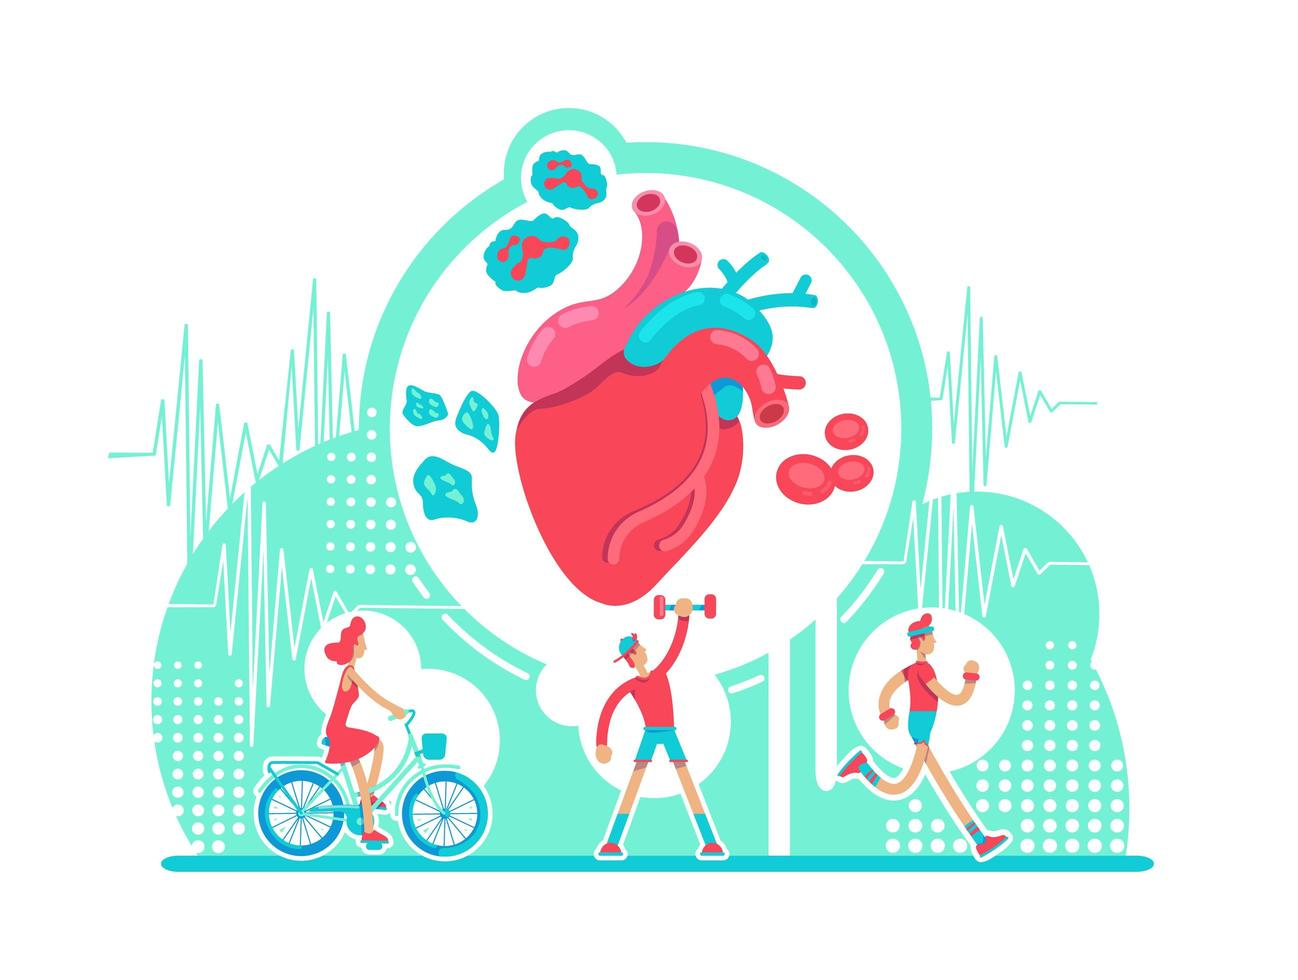 soins de santé du système cardiovasculaire vecteur